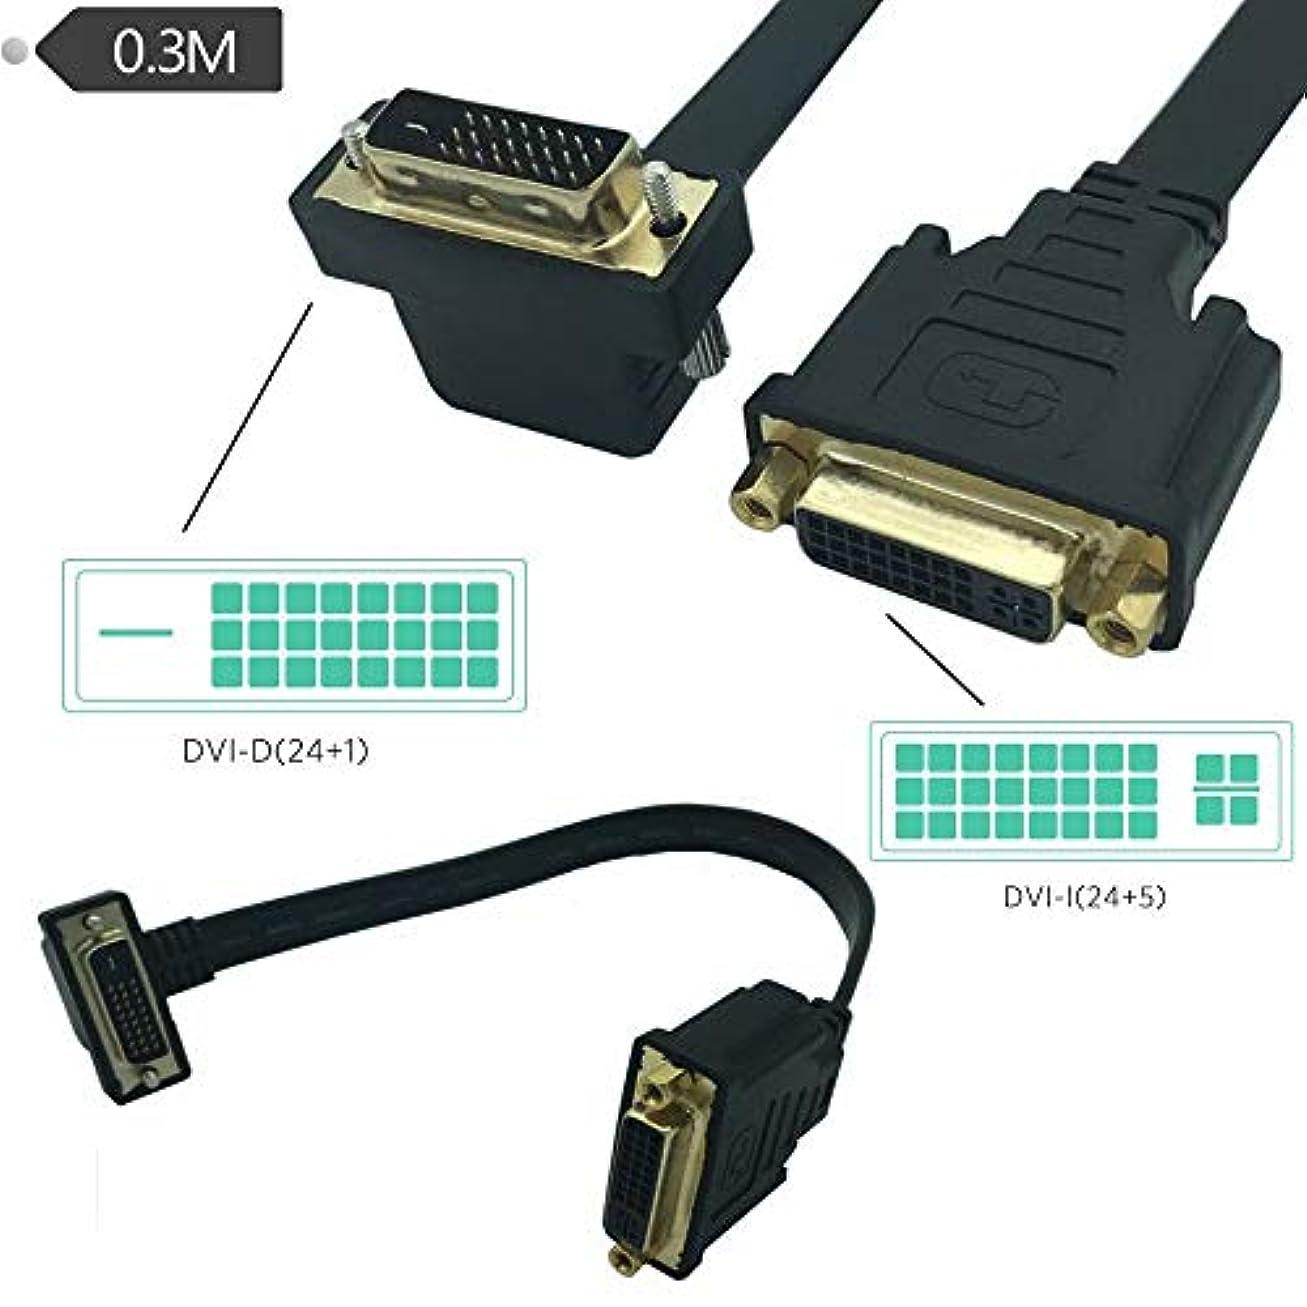 とは異なり真空隠すDVIケーブル、DVI-D 24+1 デュアルリンクケーブル(デジタル) フェライトコア付き 90度 DVI 24+1 オス-DVI 24+5 メス 金メッキ端子、DVI 24+1ケーブル